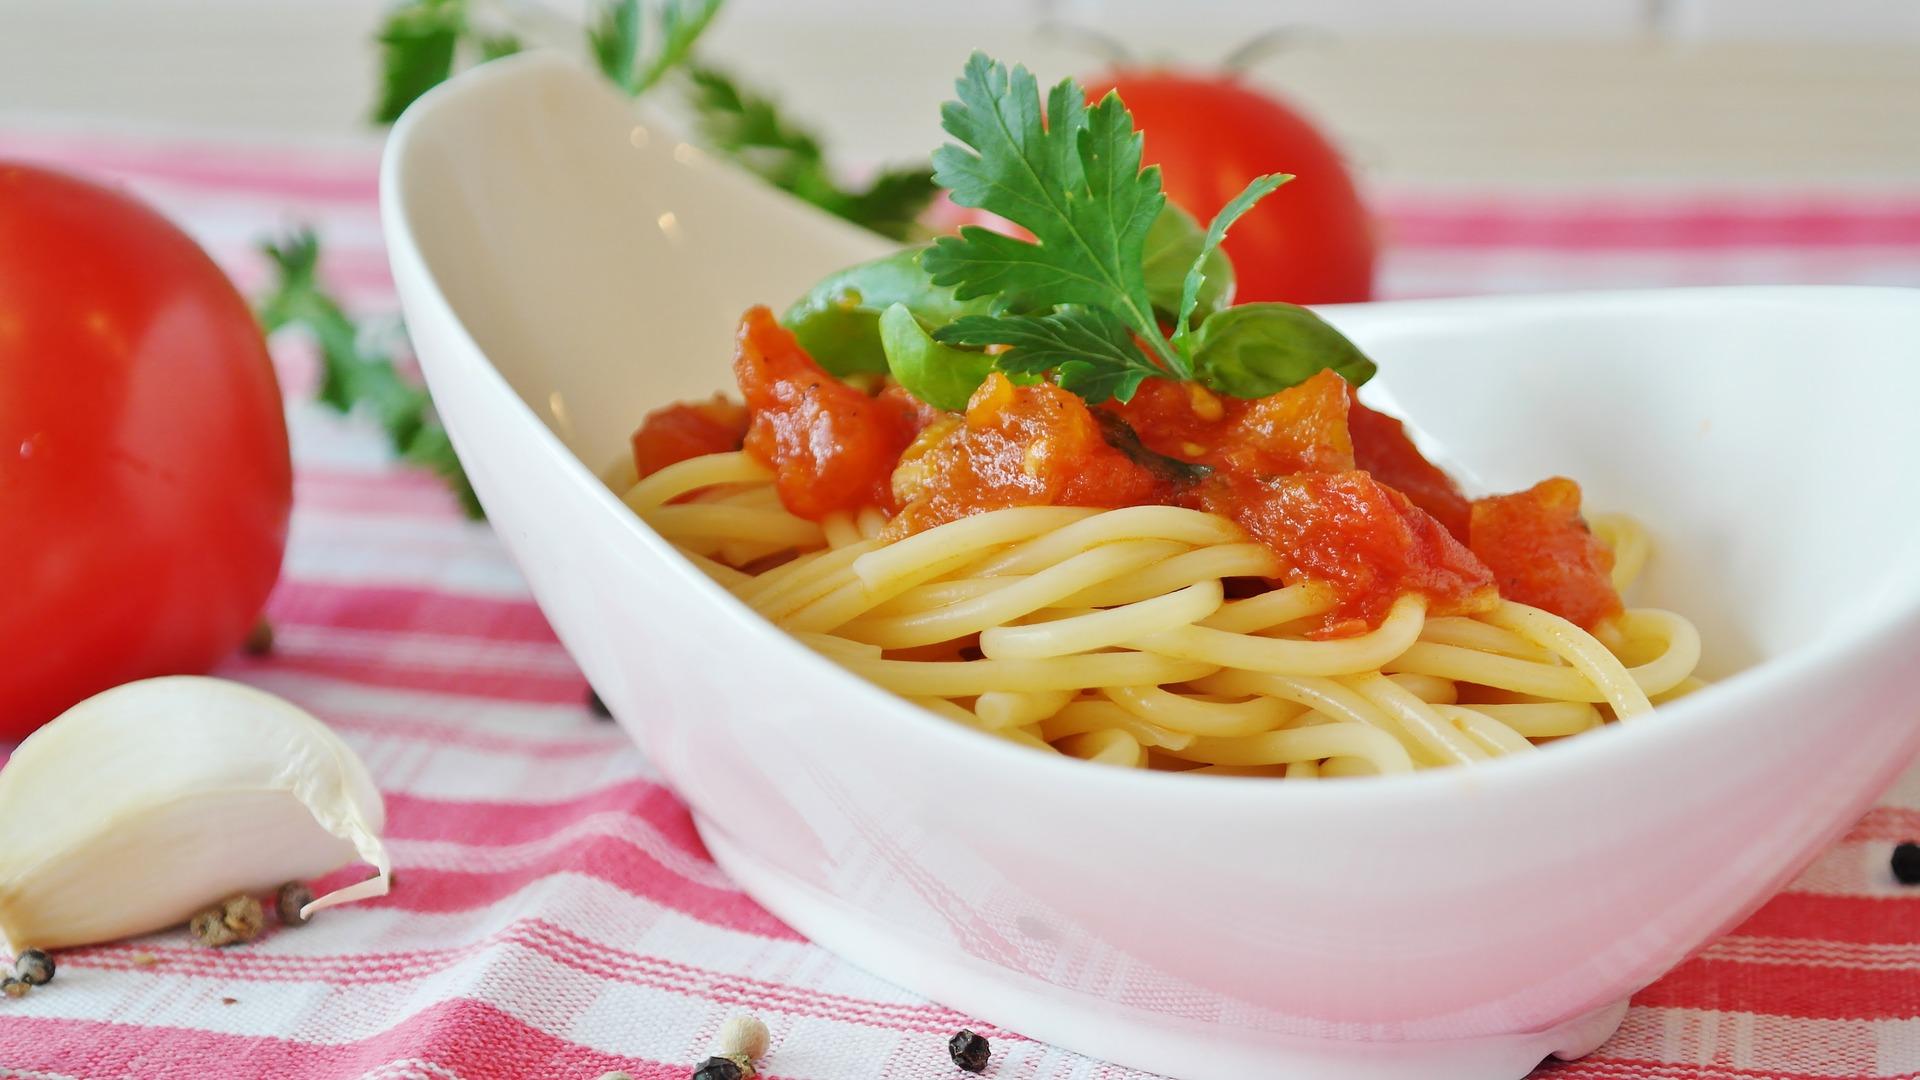 romi_spaghetti-1392266_1920.jpg